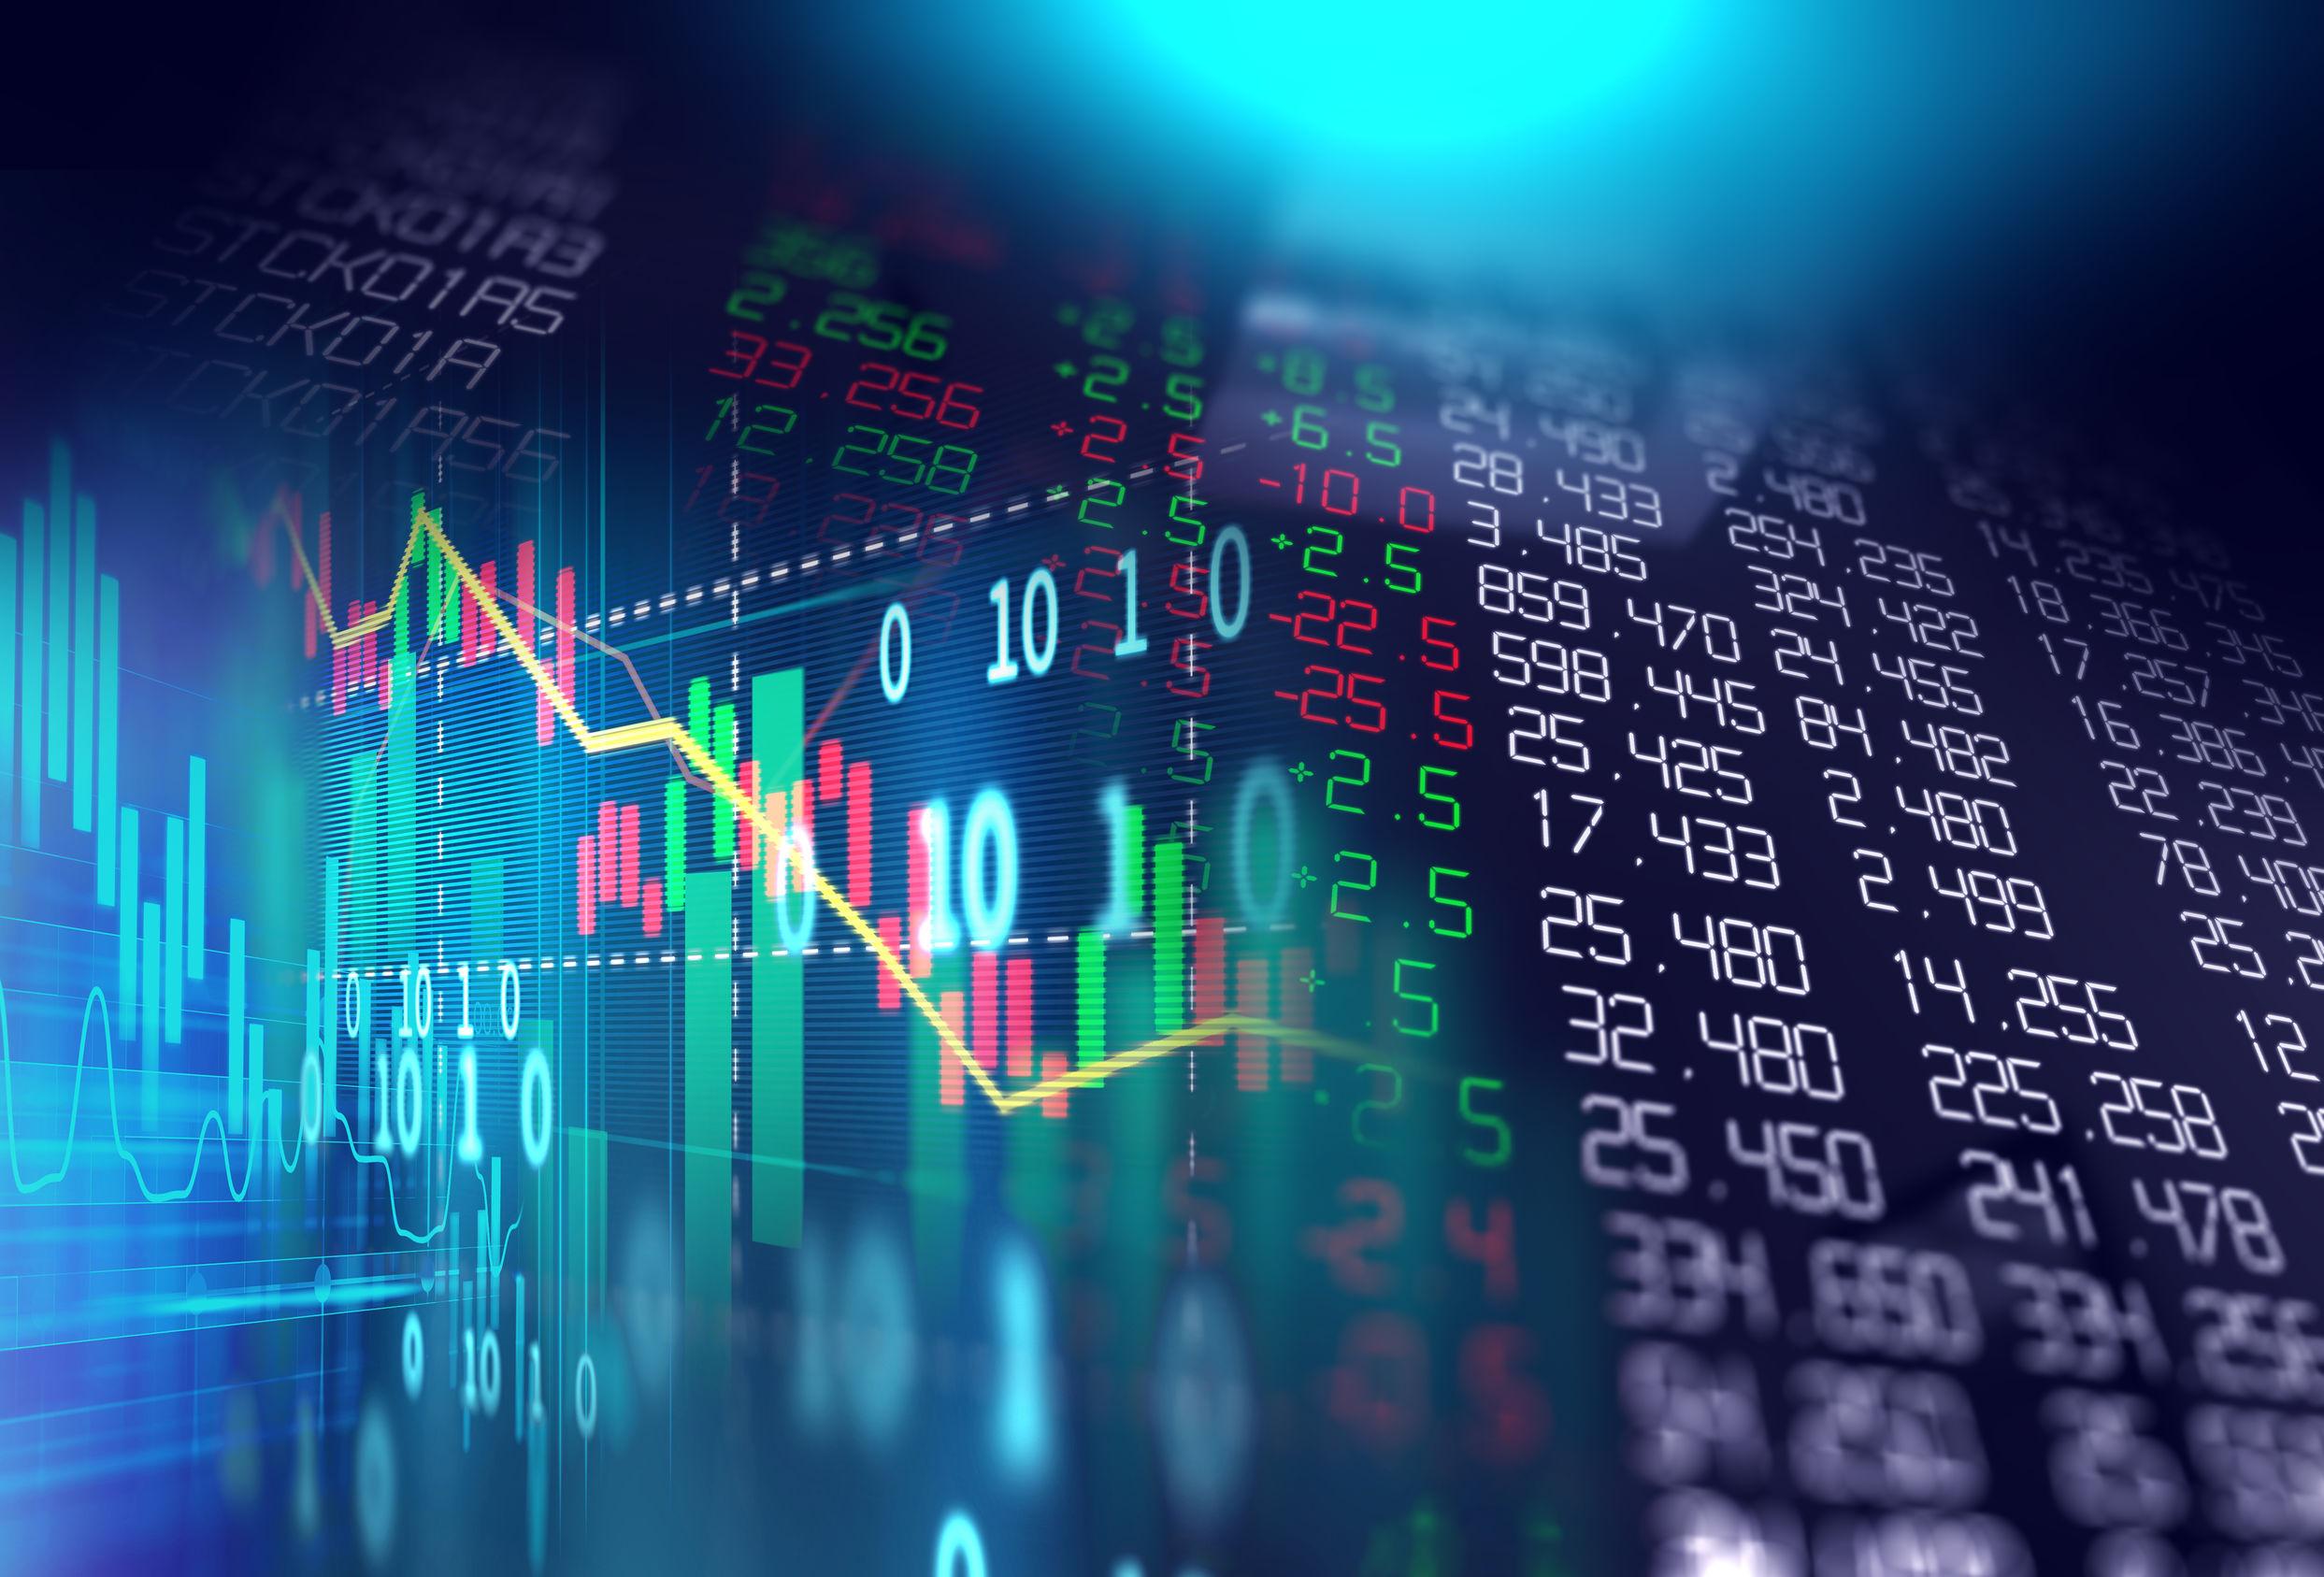 A imagem é de uma ilustração da Bolsa, com vários números e gráficos